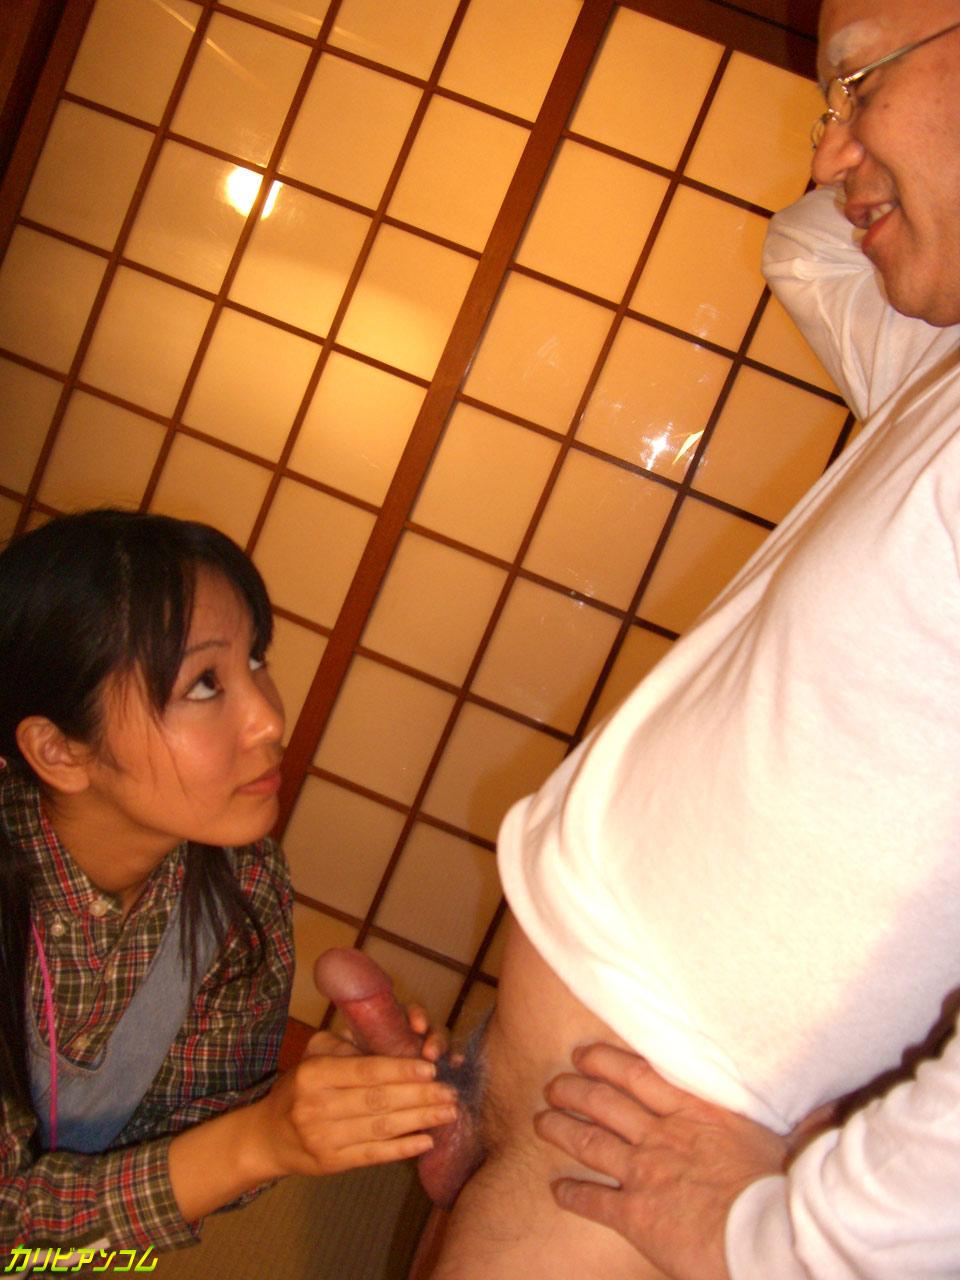 おじいちゃんのおちんちんおっきいよ。〜孫と初めて編〜 ともちゃん